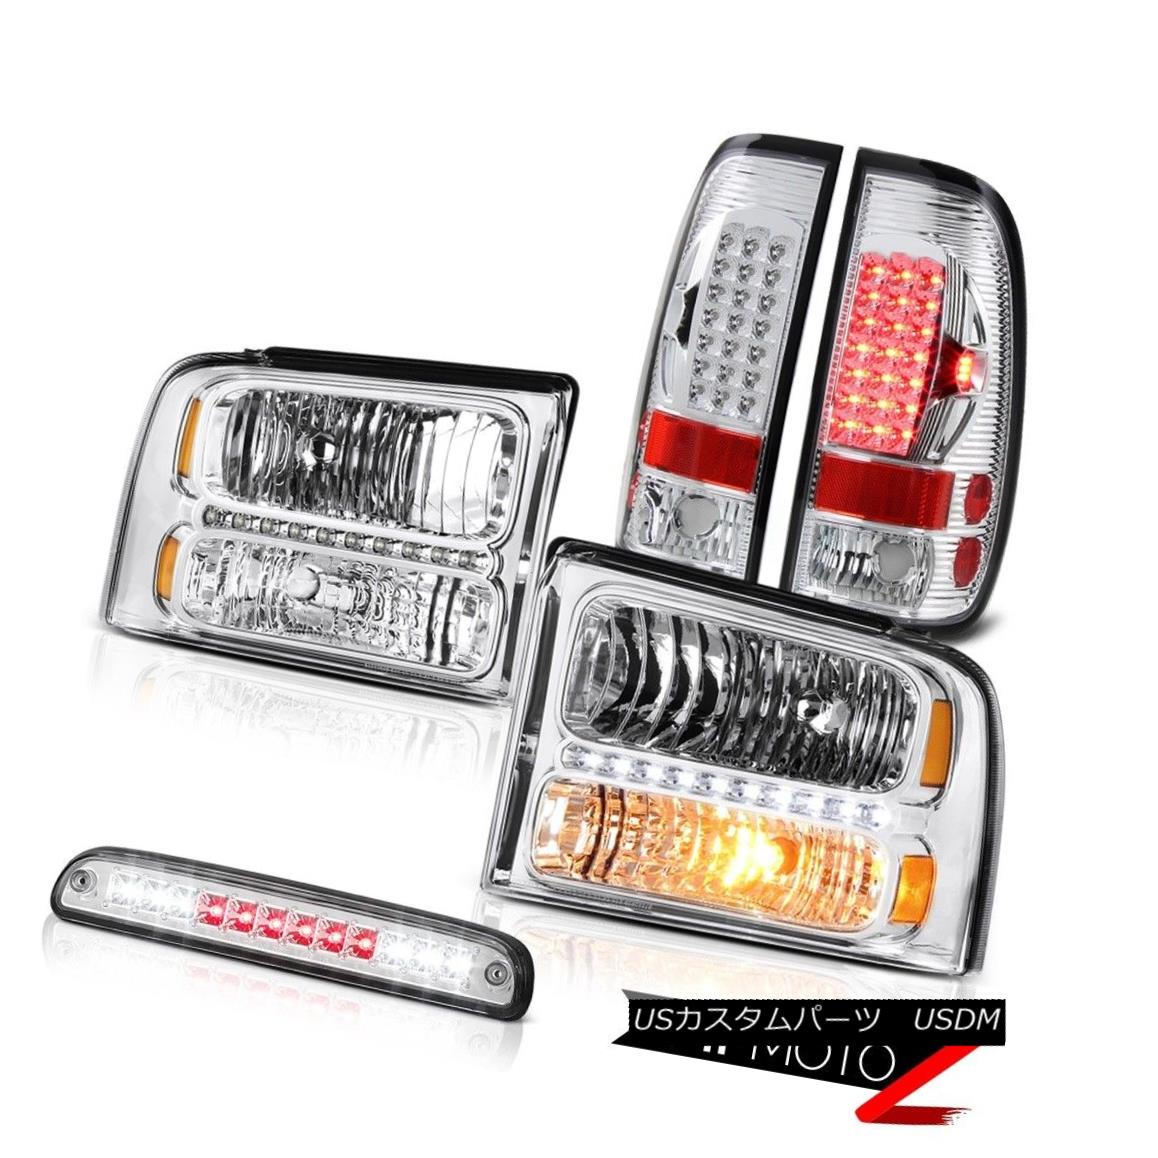 ヘッドライト 2005 2006 2007 F250 6.0L Crystal Headlights LH RH LED Taillamps Chrome 3rd Brake 2005 2006 2007 F250 6.0LクリスタルヘッドライトLH RH LEDタイルランプクローム第3ブレーキ